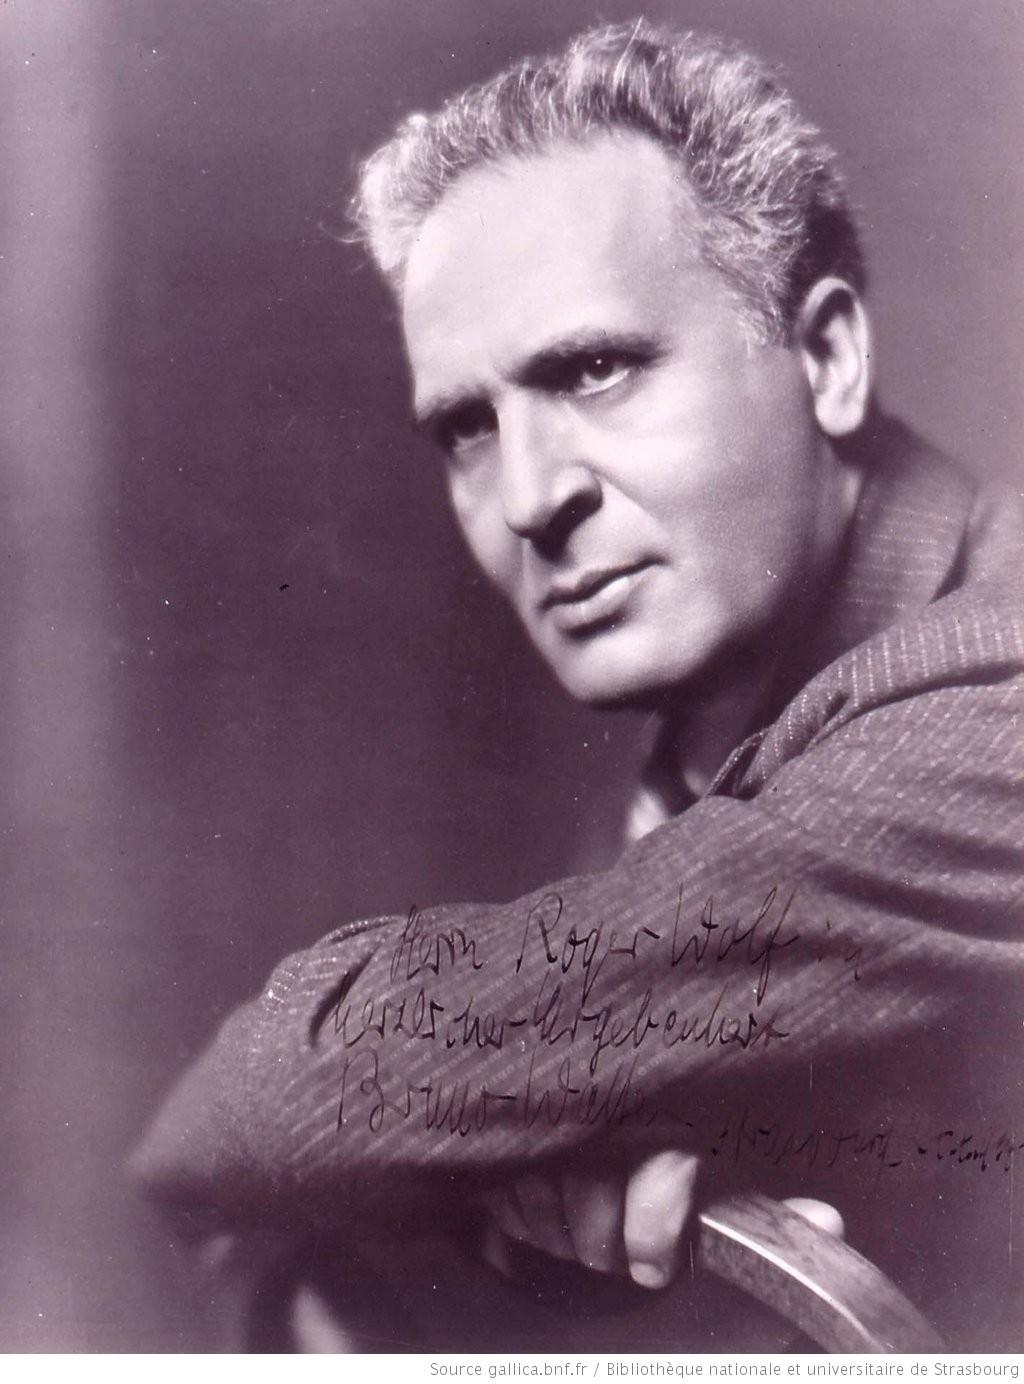 Bruno WALTER en 1934, une photo citée de la page https://gallica.bnf.fr/ark:/12148/btv1b10219510x/f1.item.r=Bruno%20Walter de GALLICA